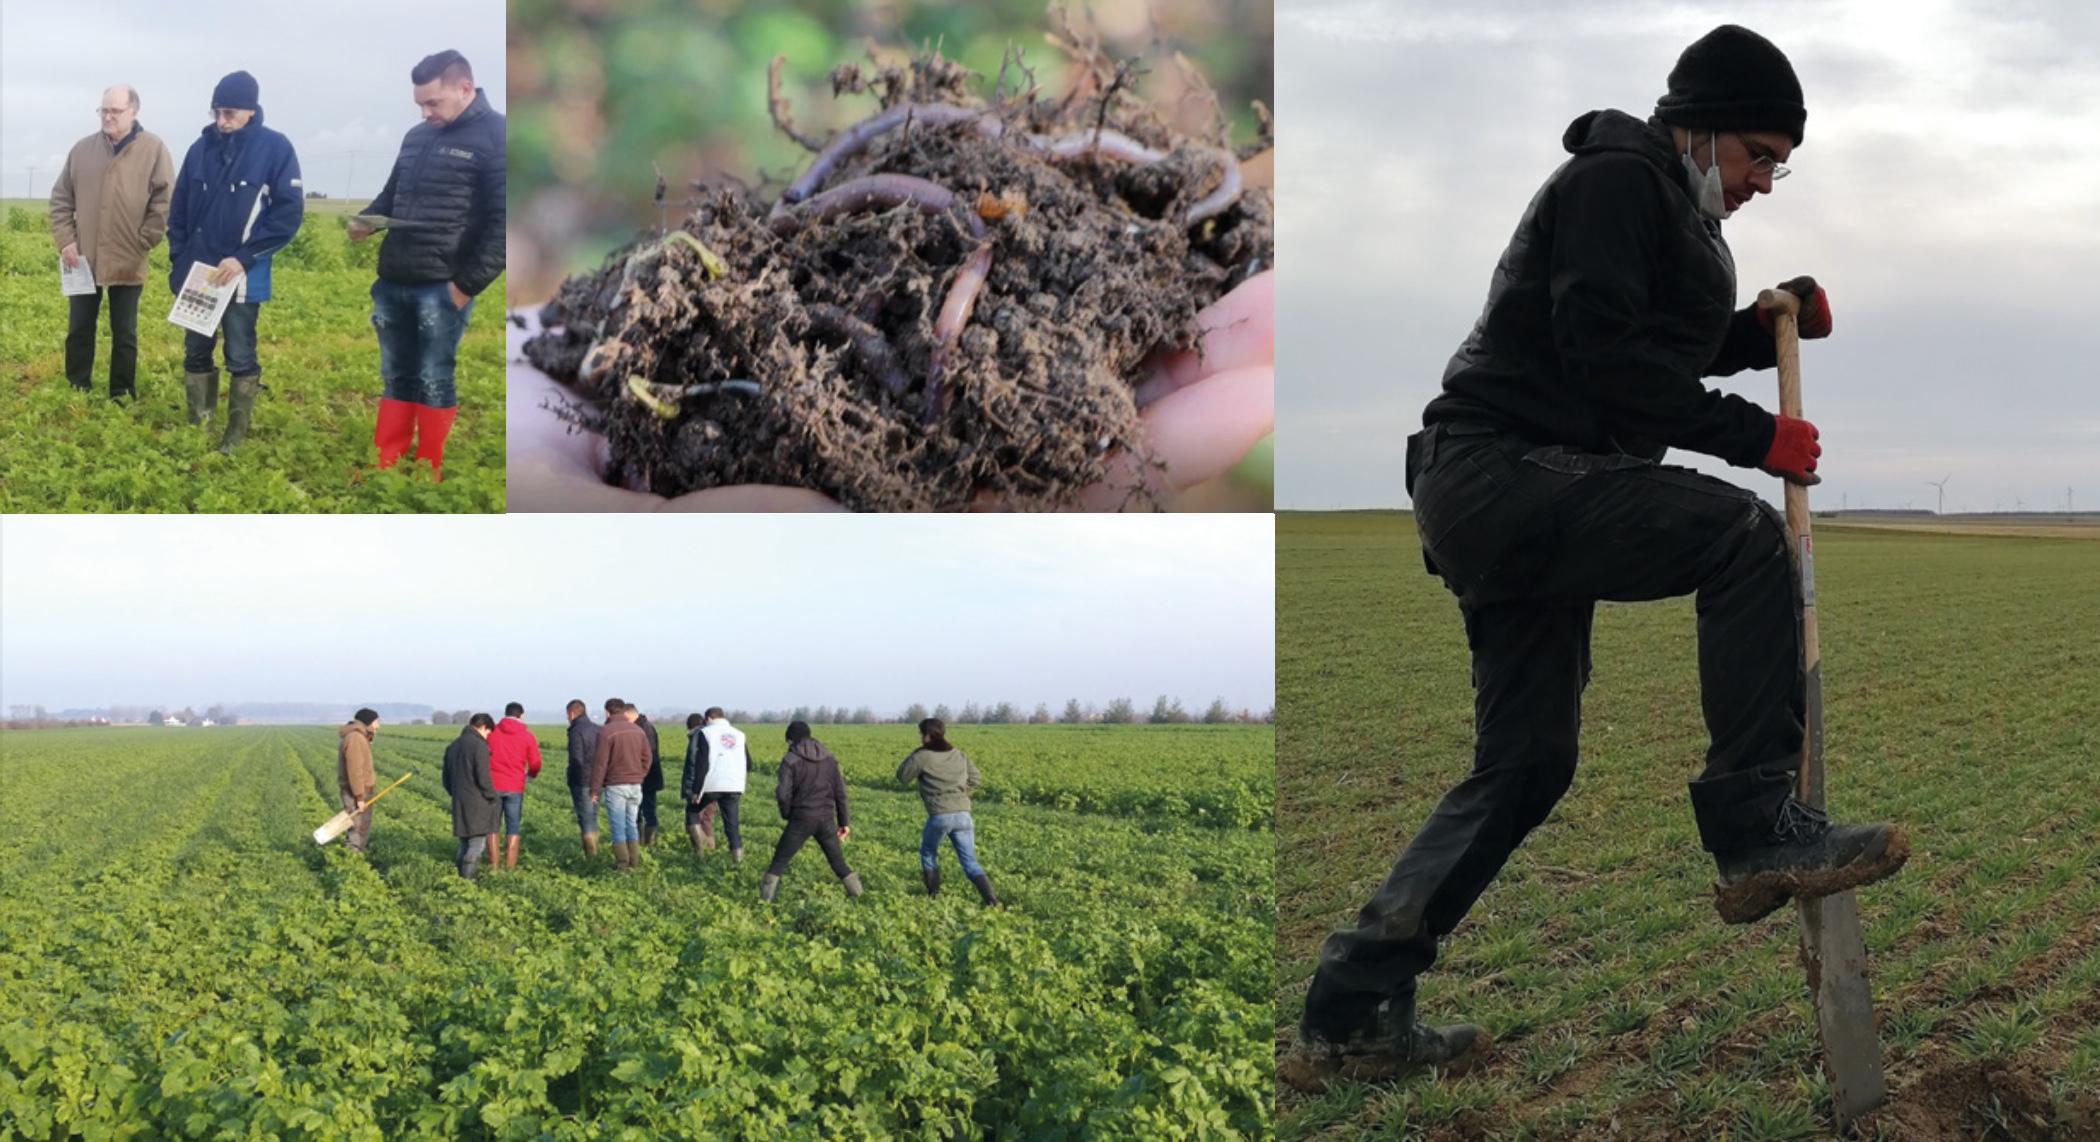 Capture decran 2021 04 15 a 17.23.42 - Dans les Hauts de France, l'agriculture régénératrice se déploie de manière collective